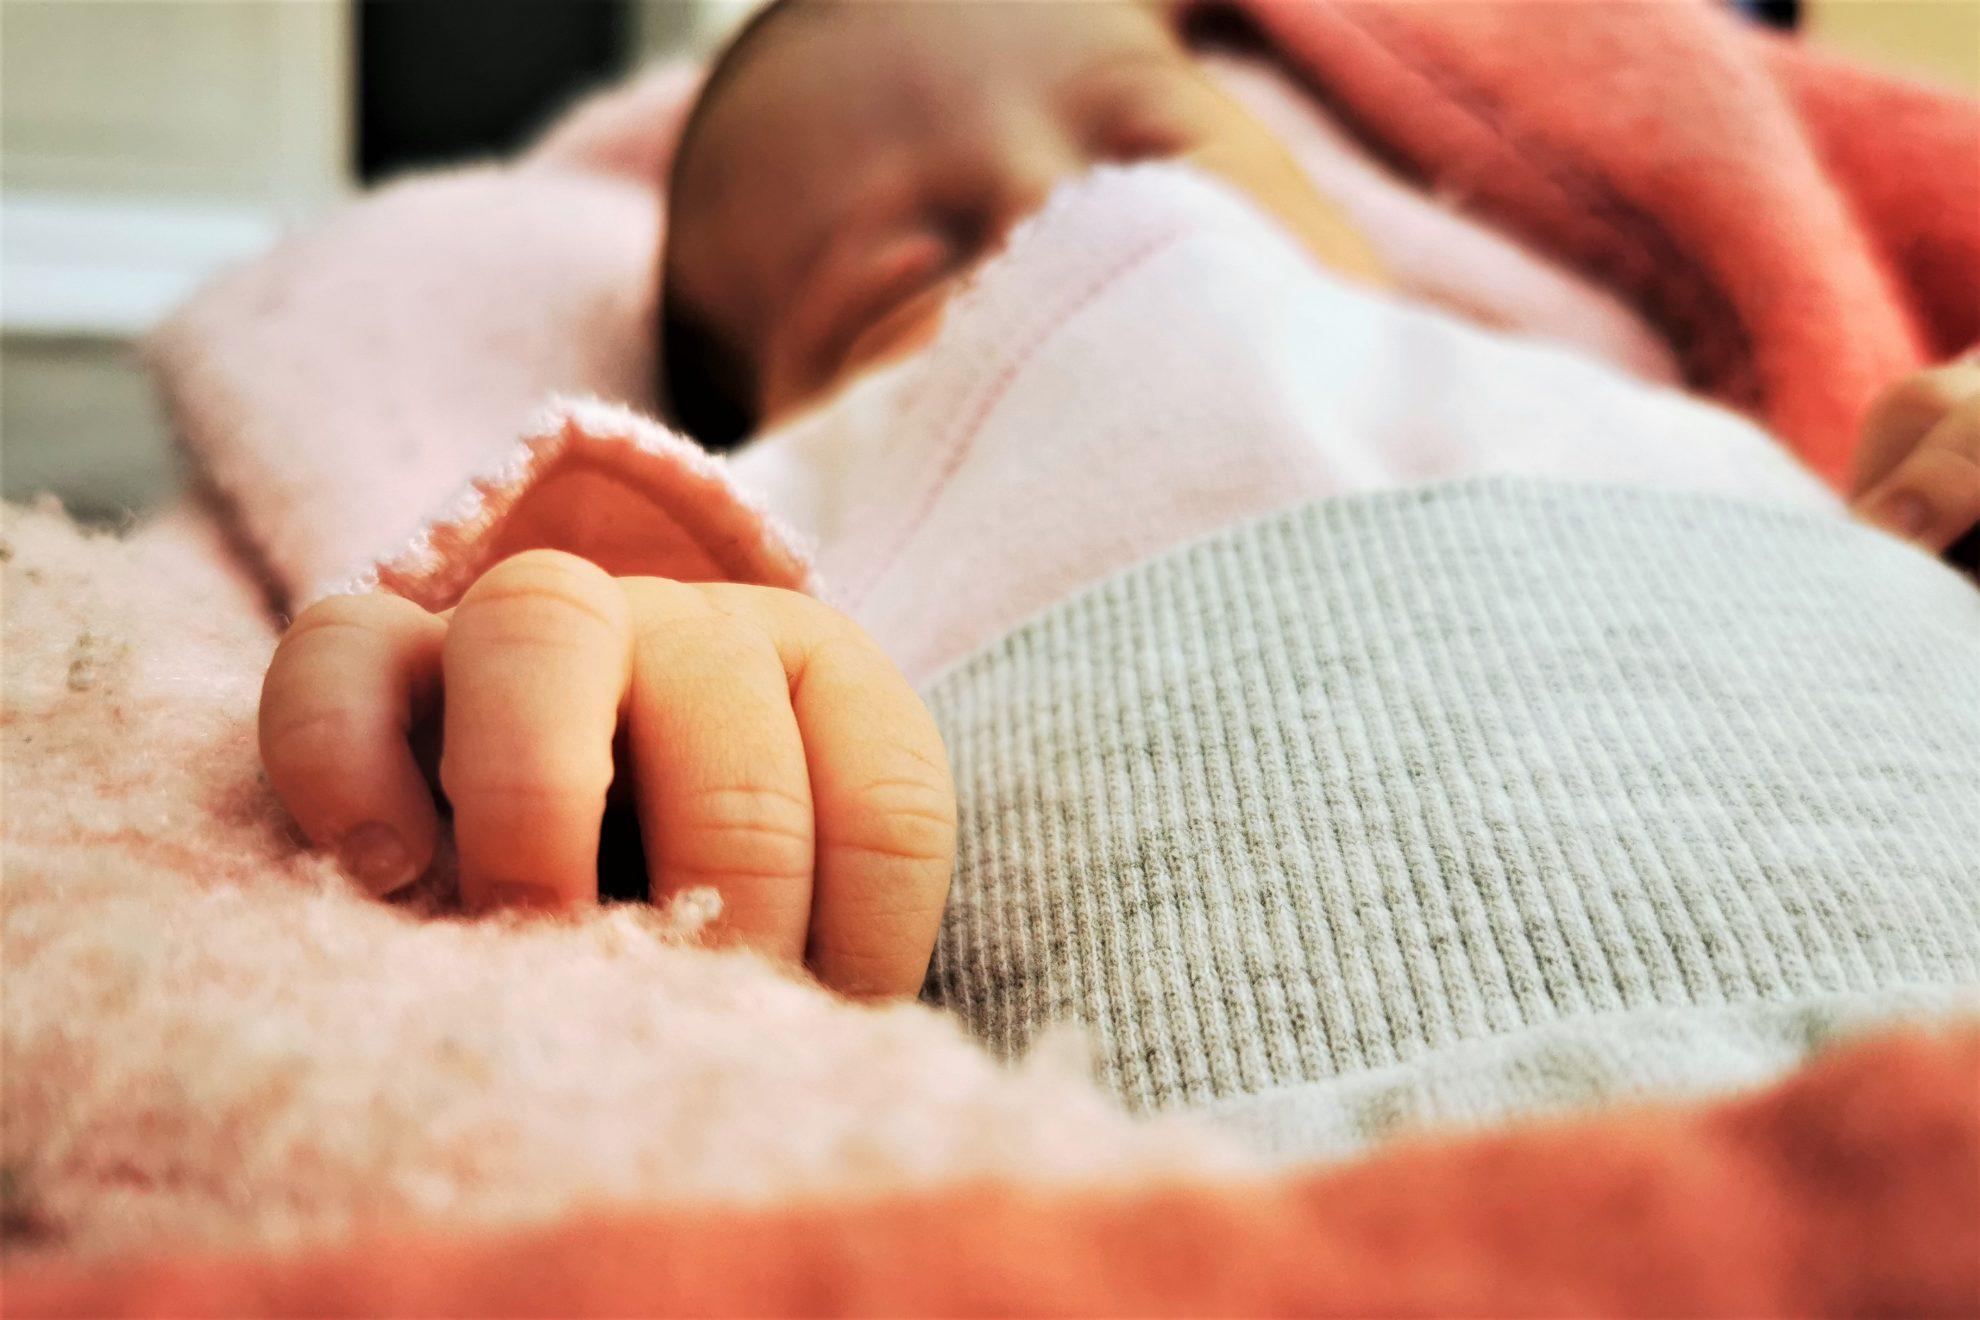 Ein Kaiserschnitt Geburtsbericht einer geplanten Bauchgeburt. Ein positiver Geburtsbericht über diesen medizinischen Eingriff.